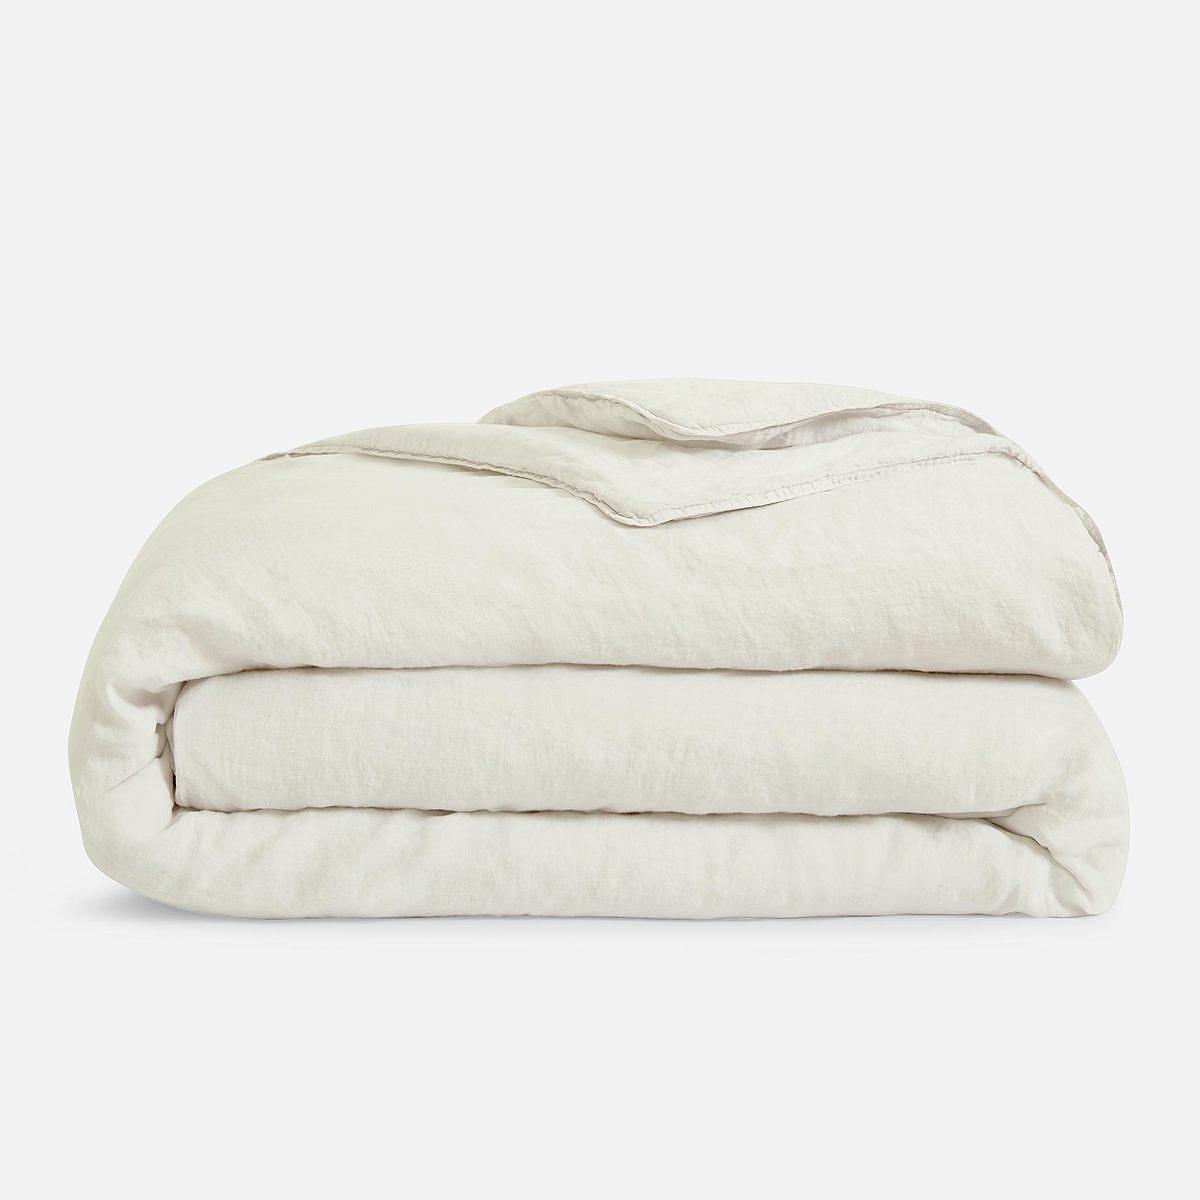 cooling-bedding-brooklinen-duvet-cover-linen